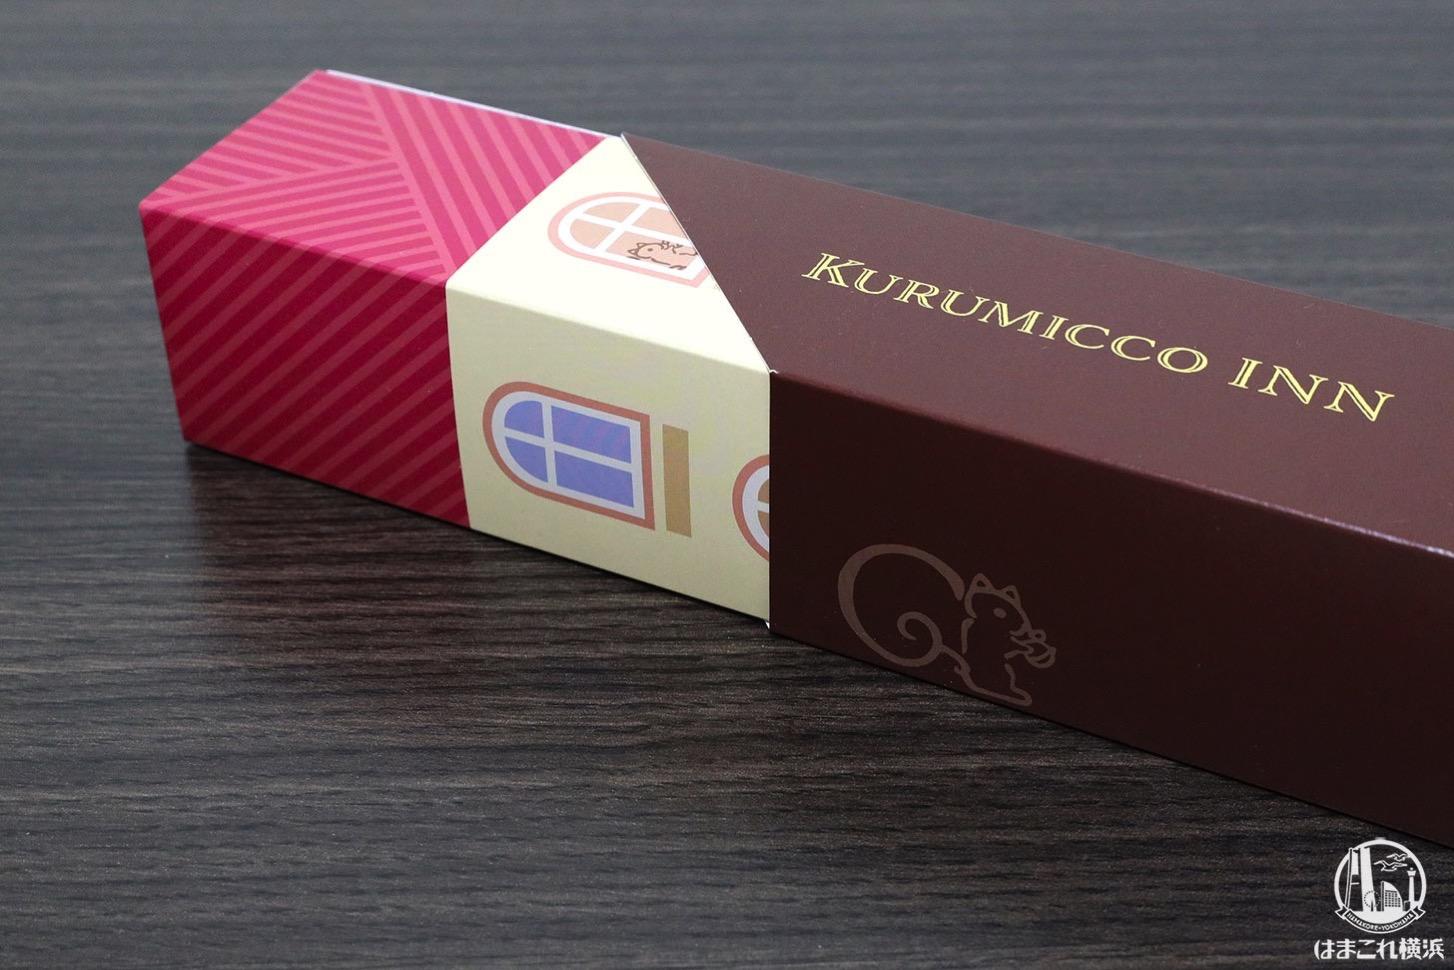 クルミッ子INN スライド式の箱デザイン2